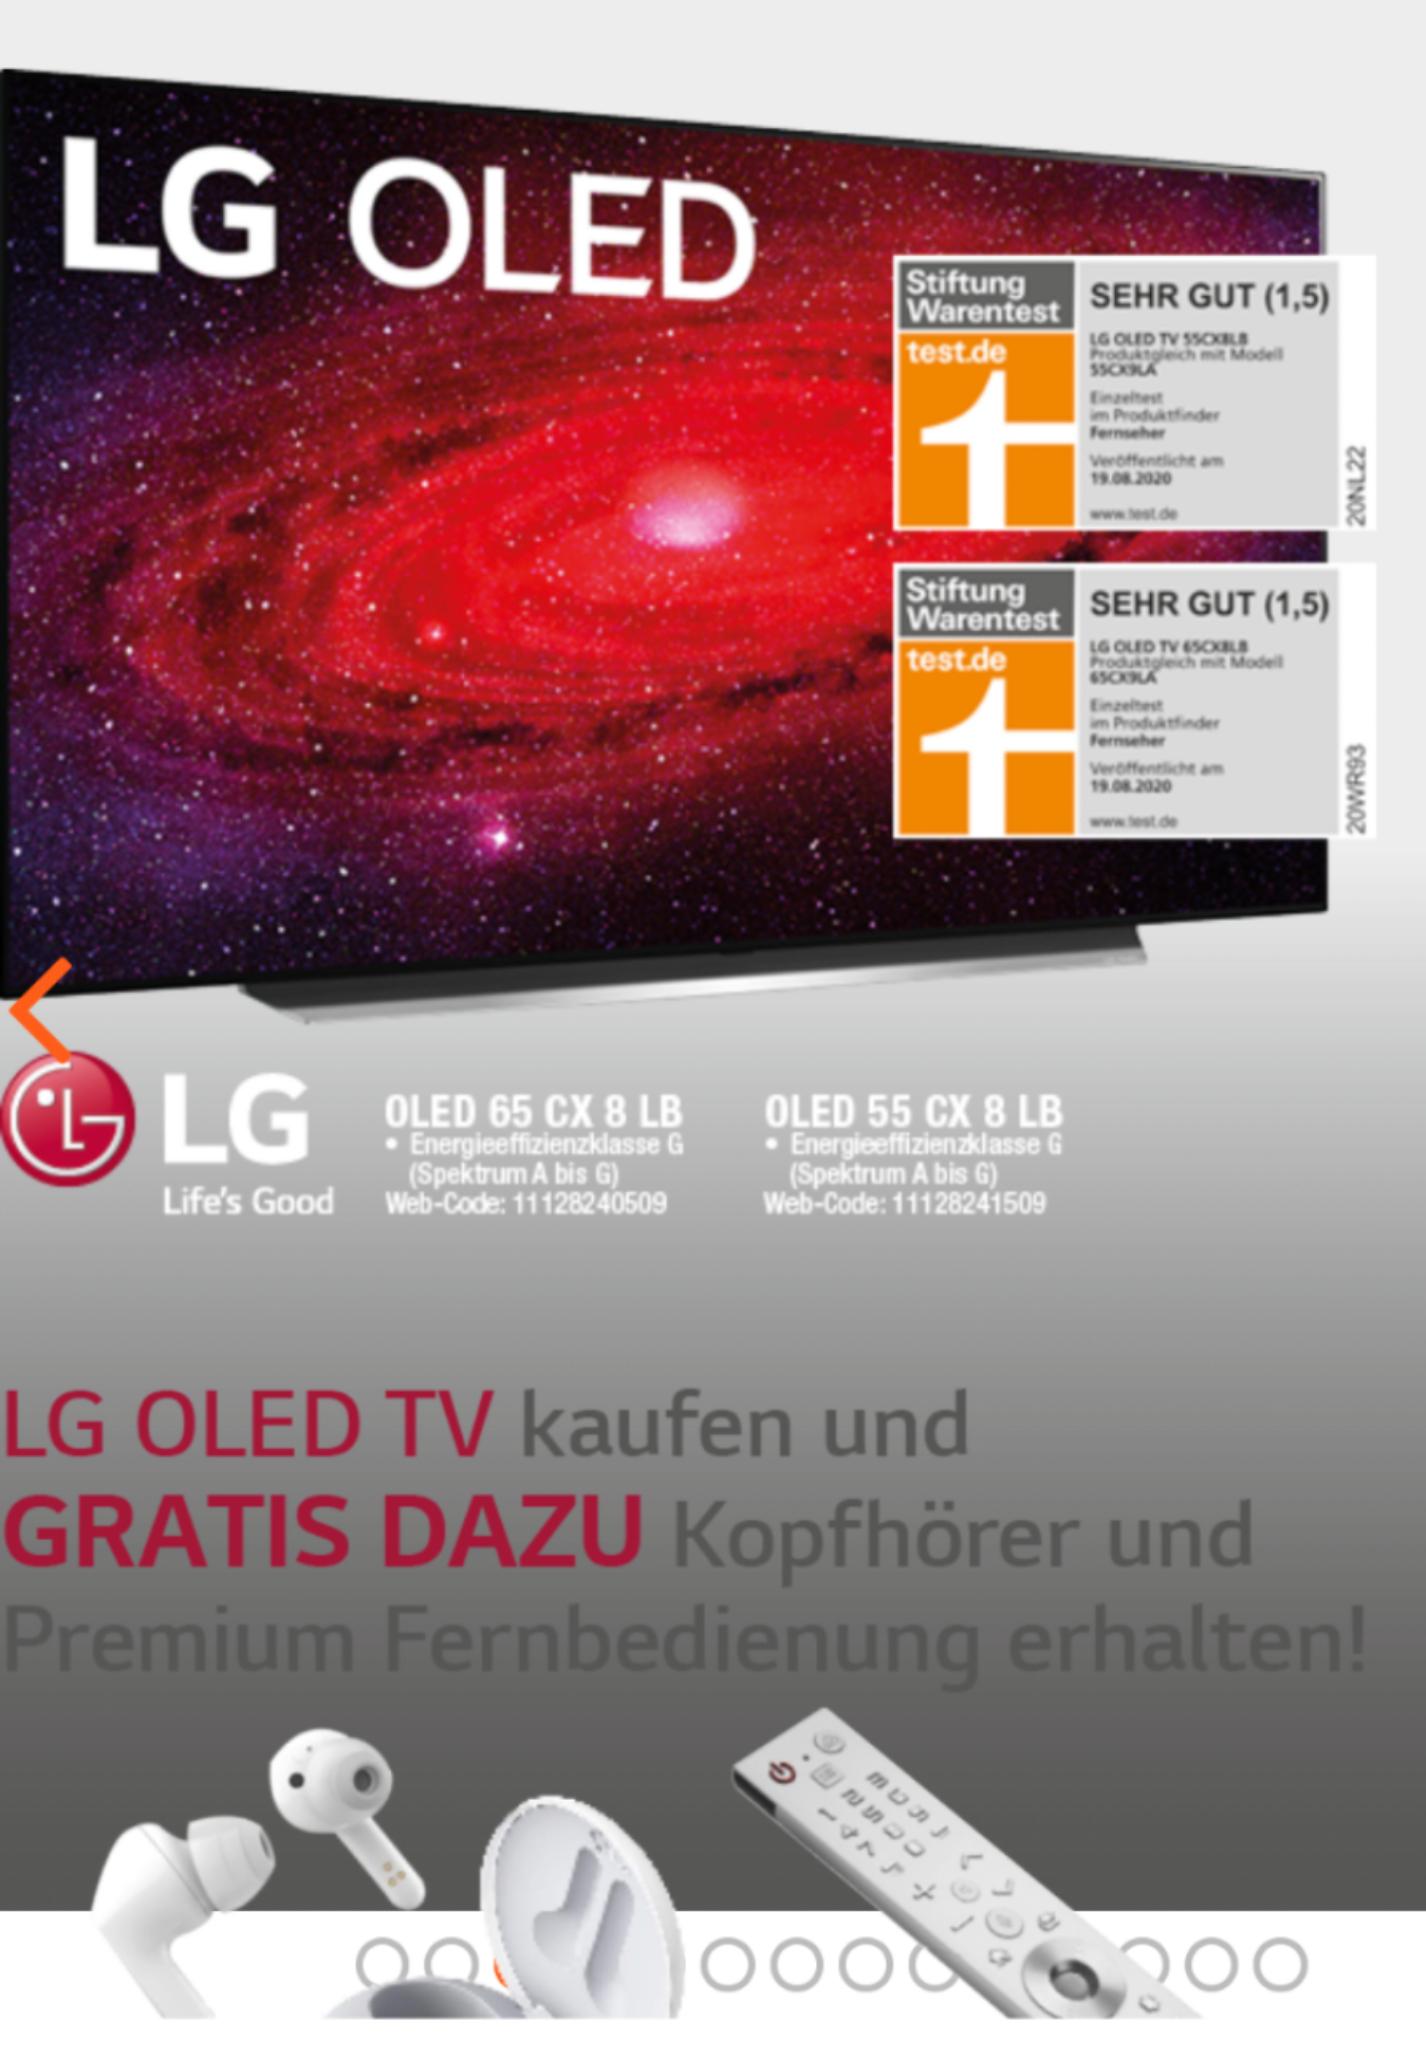 LG OLED55CX8LB baugleich OLED55CX9LA inkl. 3 Produkte im Wert von 150€